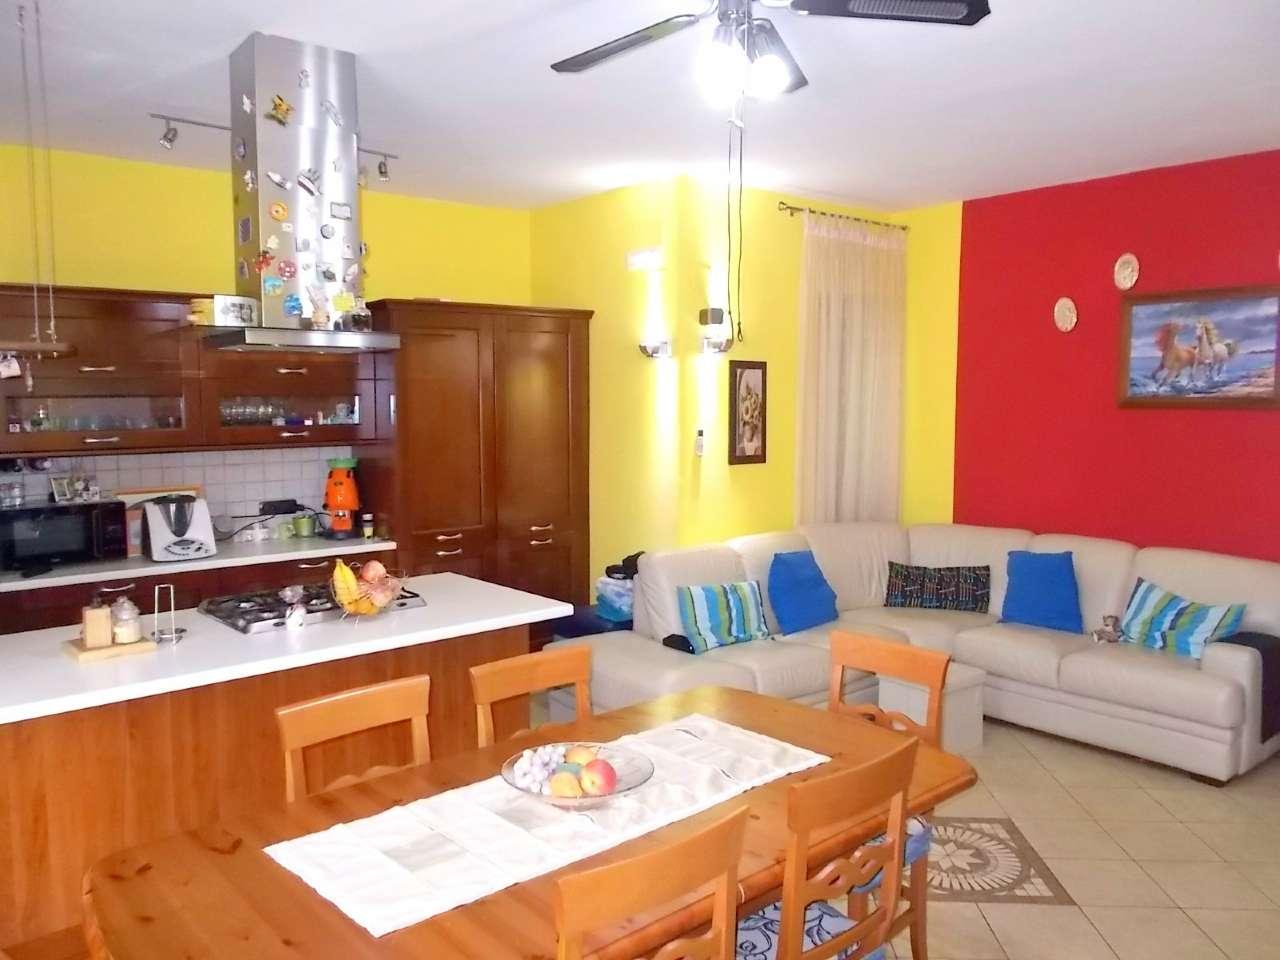 Appartamento in vendita a San Felice a Cancello, 3 locali, prezzo € 85.000 | Cambio Casa.it